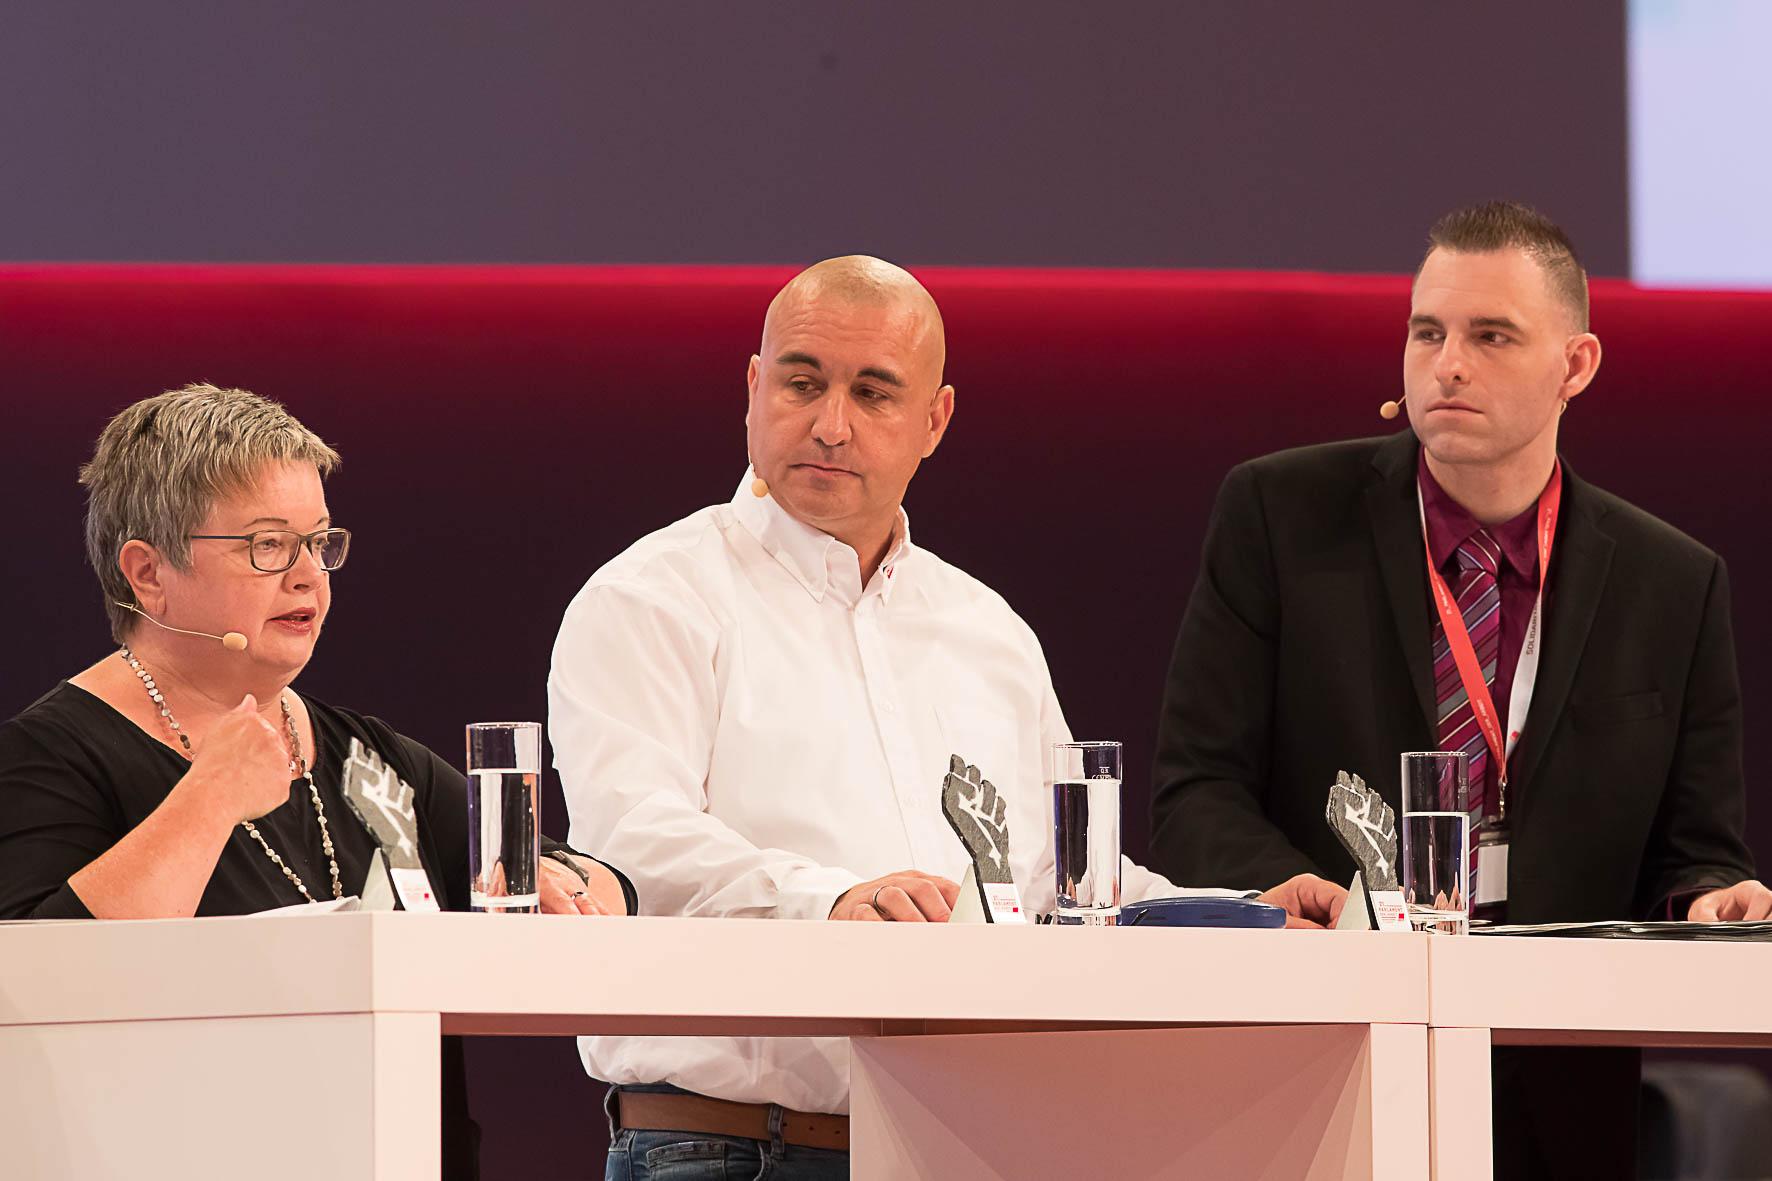 Stefanie Kalupke (Lehrerin, GEW), Erik Brumm (ver.di), Dennis Bitzer (EVG) im Gespräch